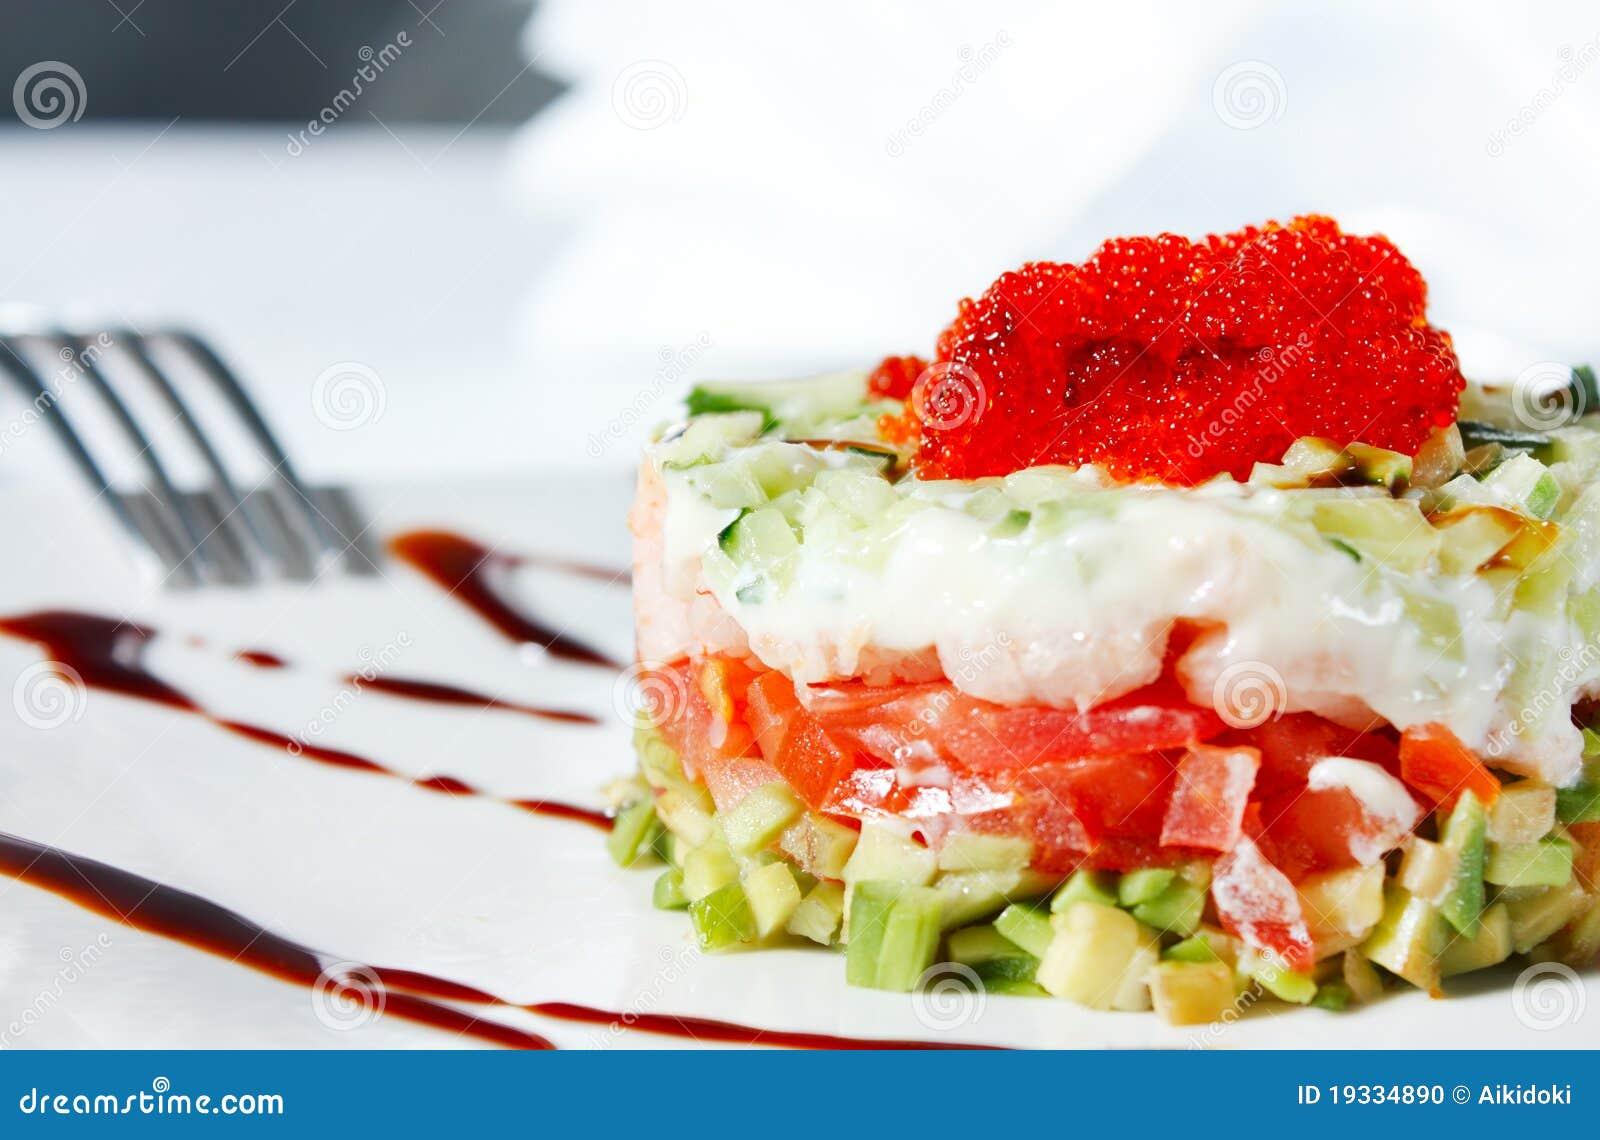 Салат из креветок семги и красной икры рецепты